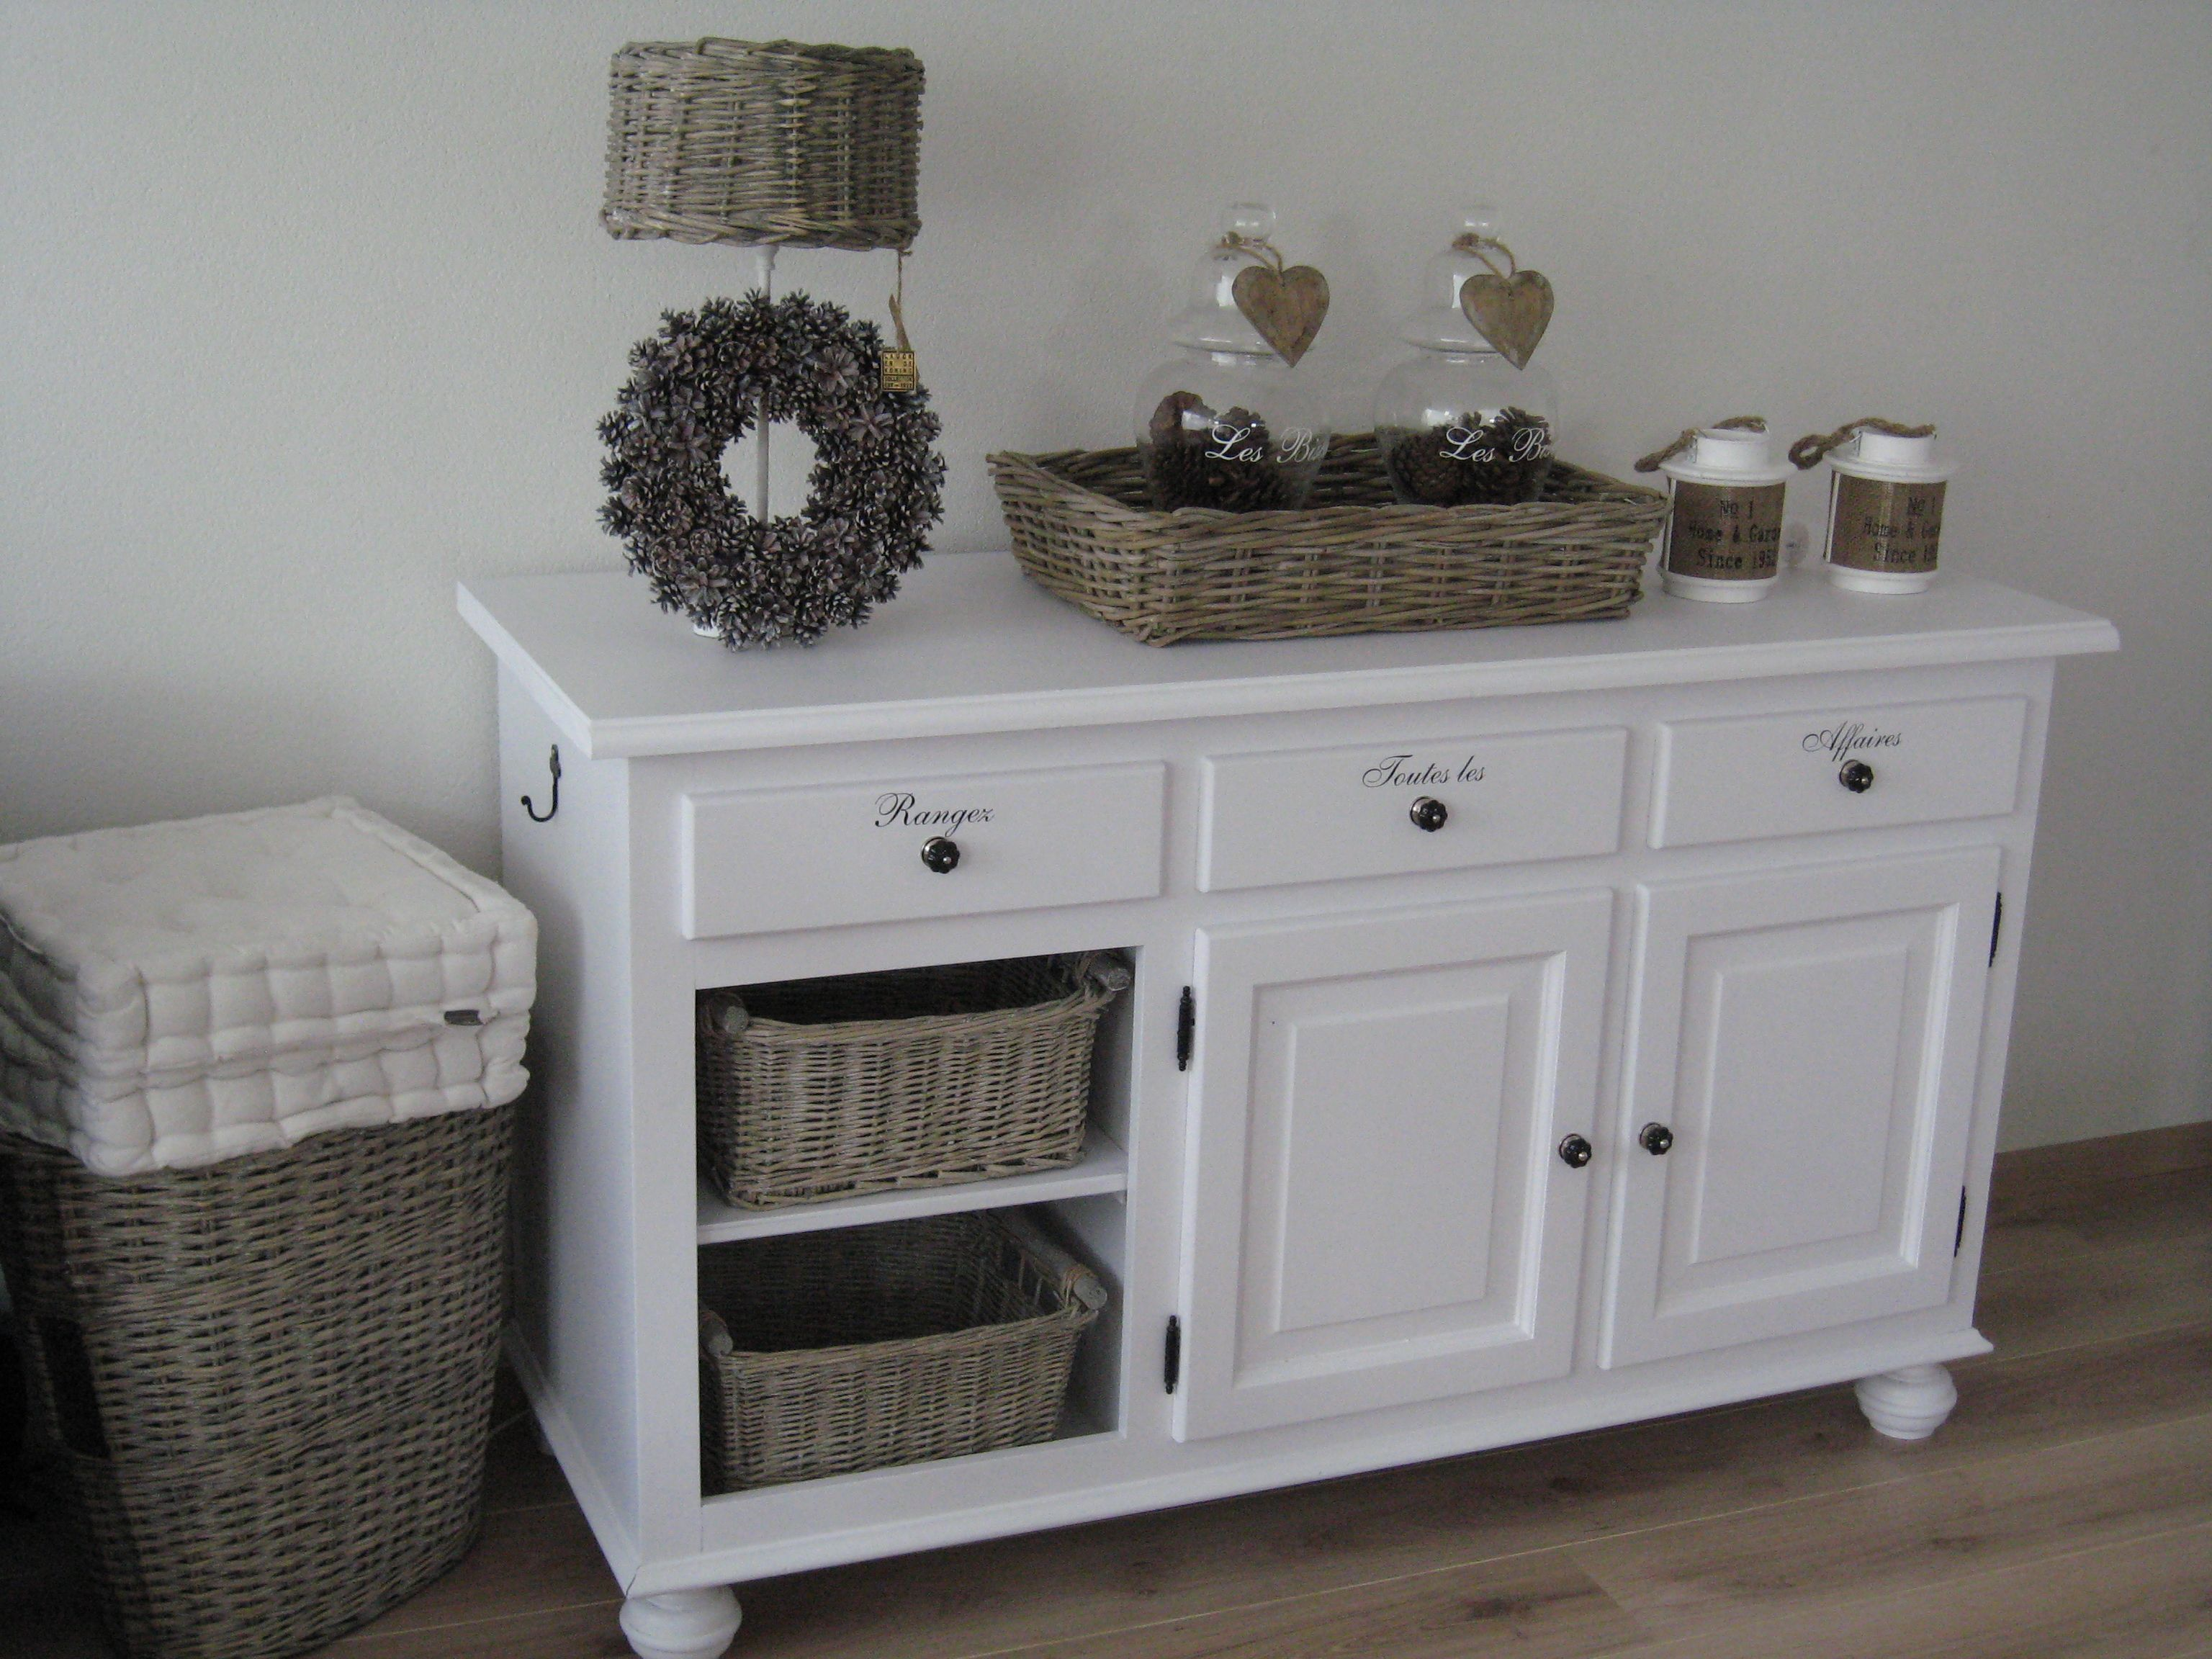 pin von melly auf ideen rund ums haus pinterest haus wohnideen und landhaus. Black Bedroom Furniture Sets. Home Design Ideas